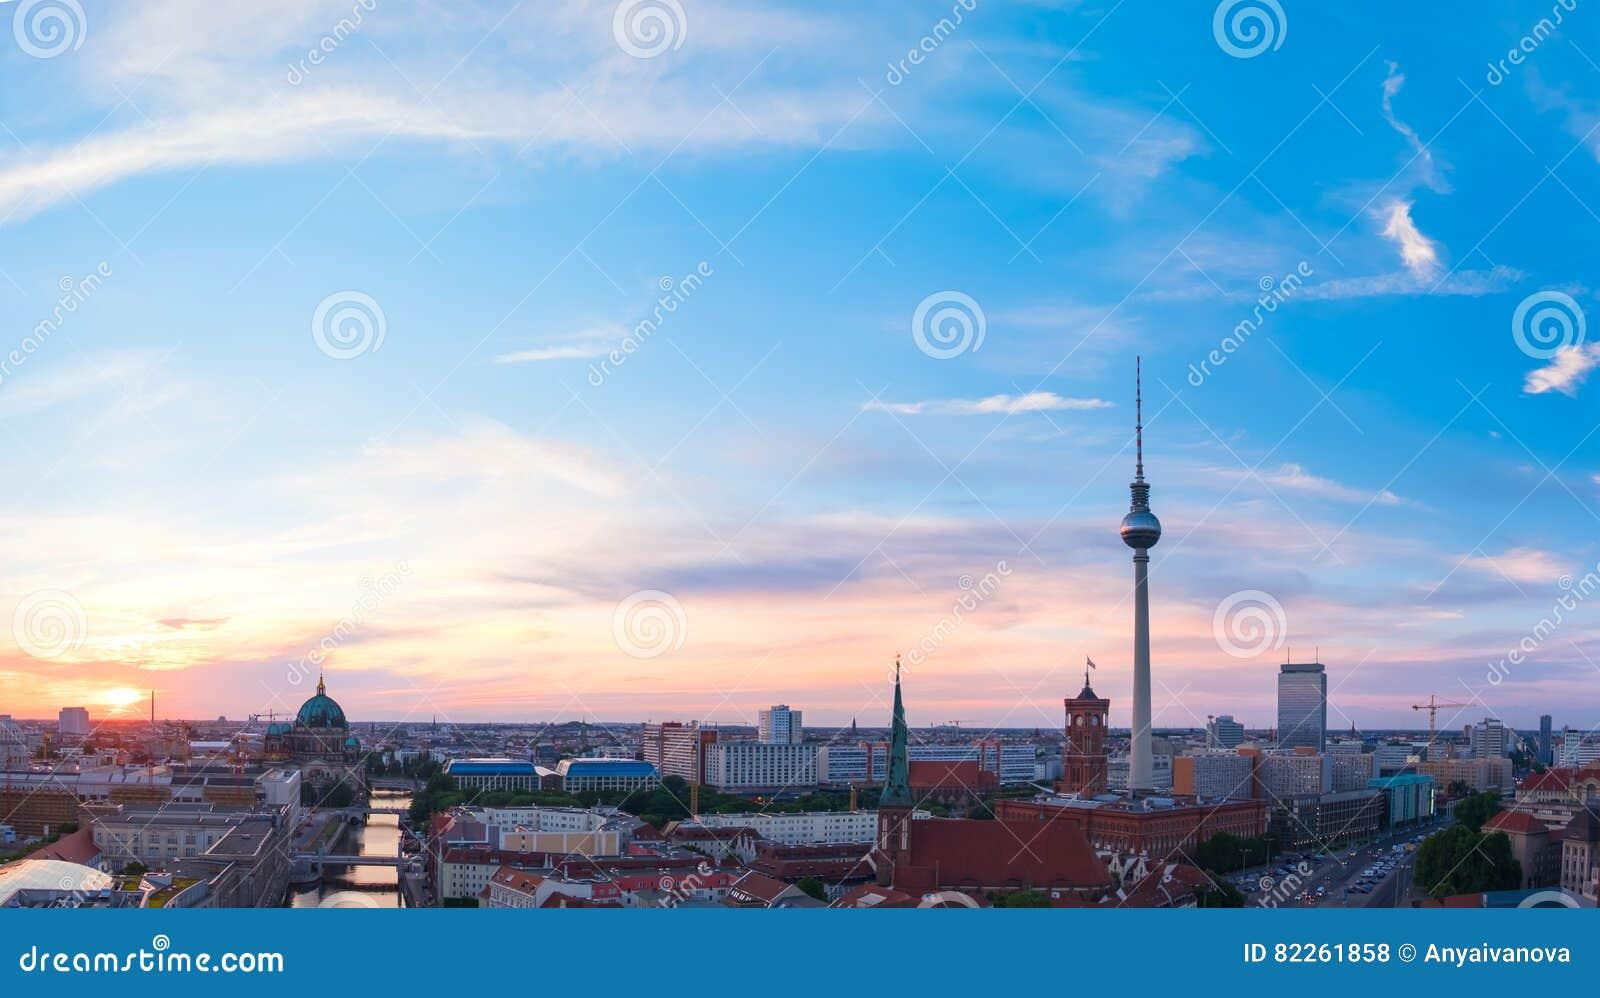 Horizon van Berlijn in Duitsland op een zonsondergang